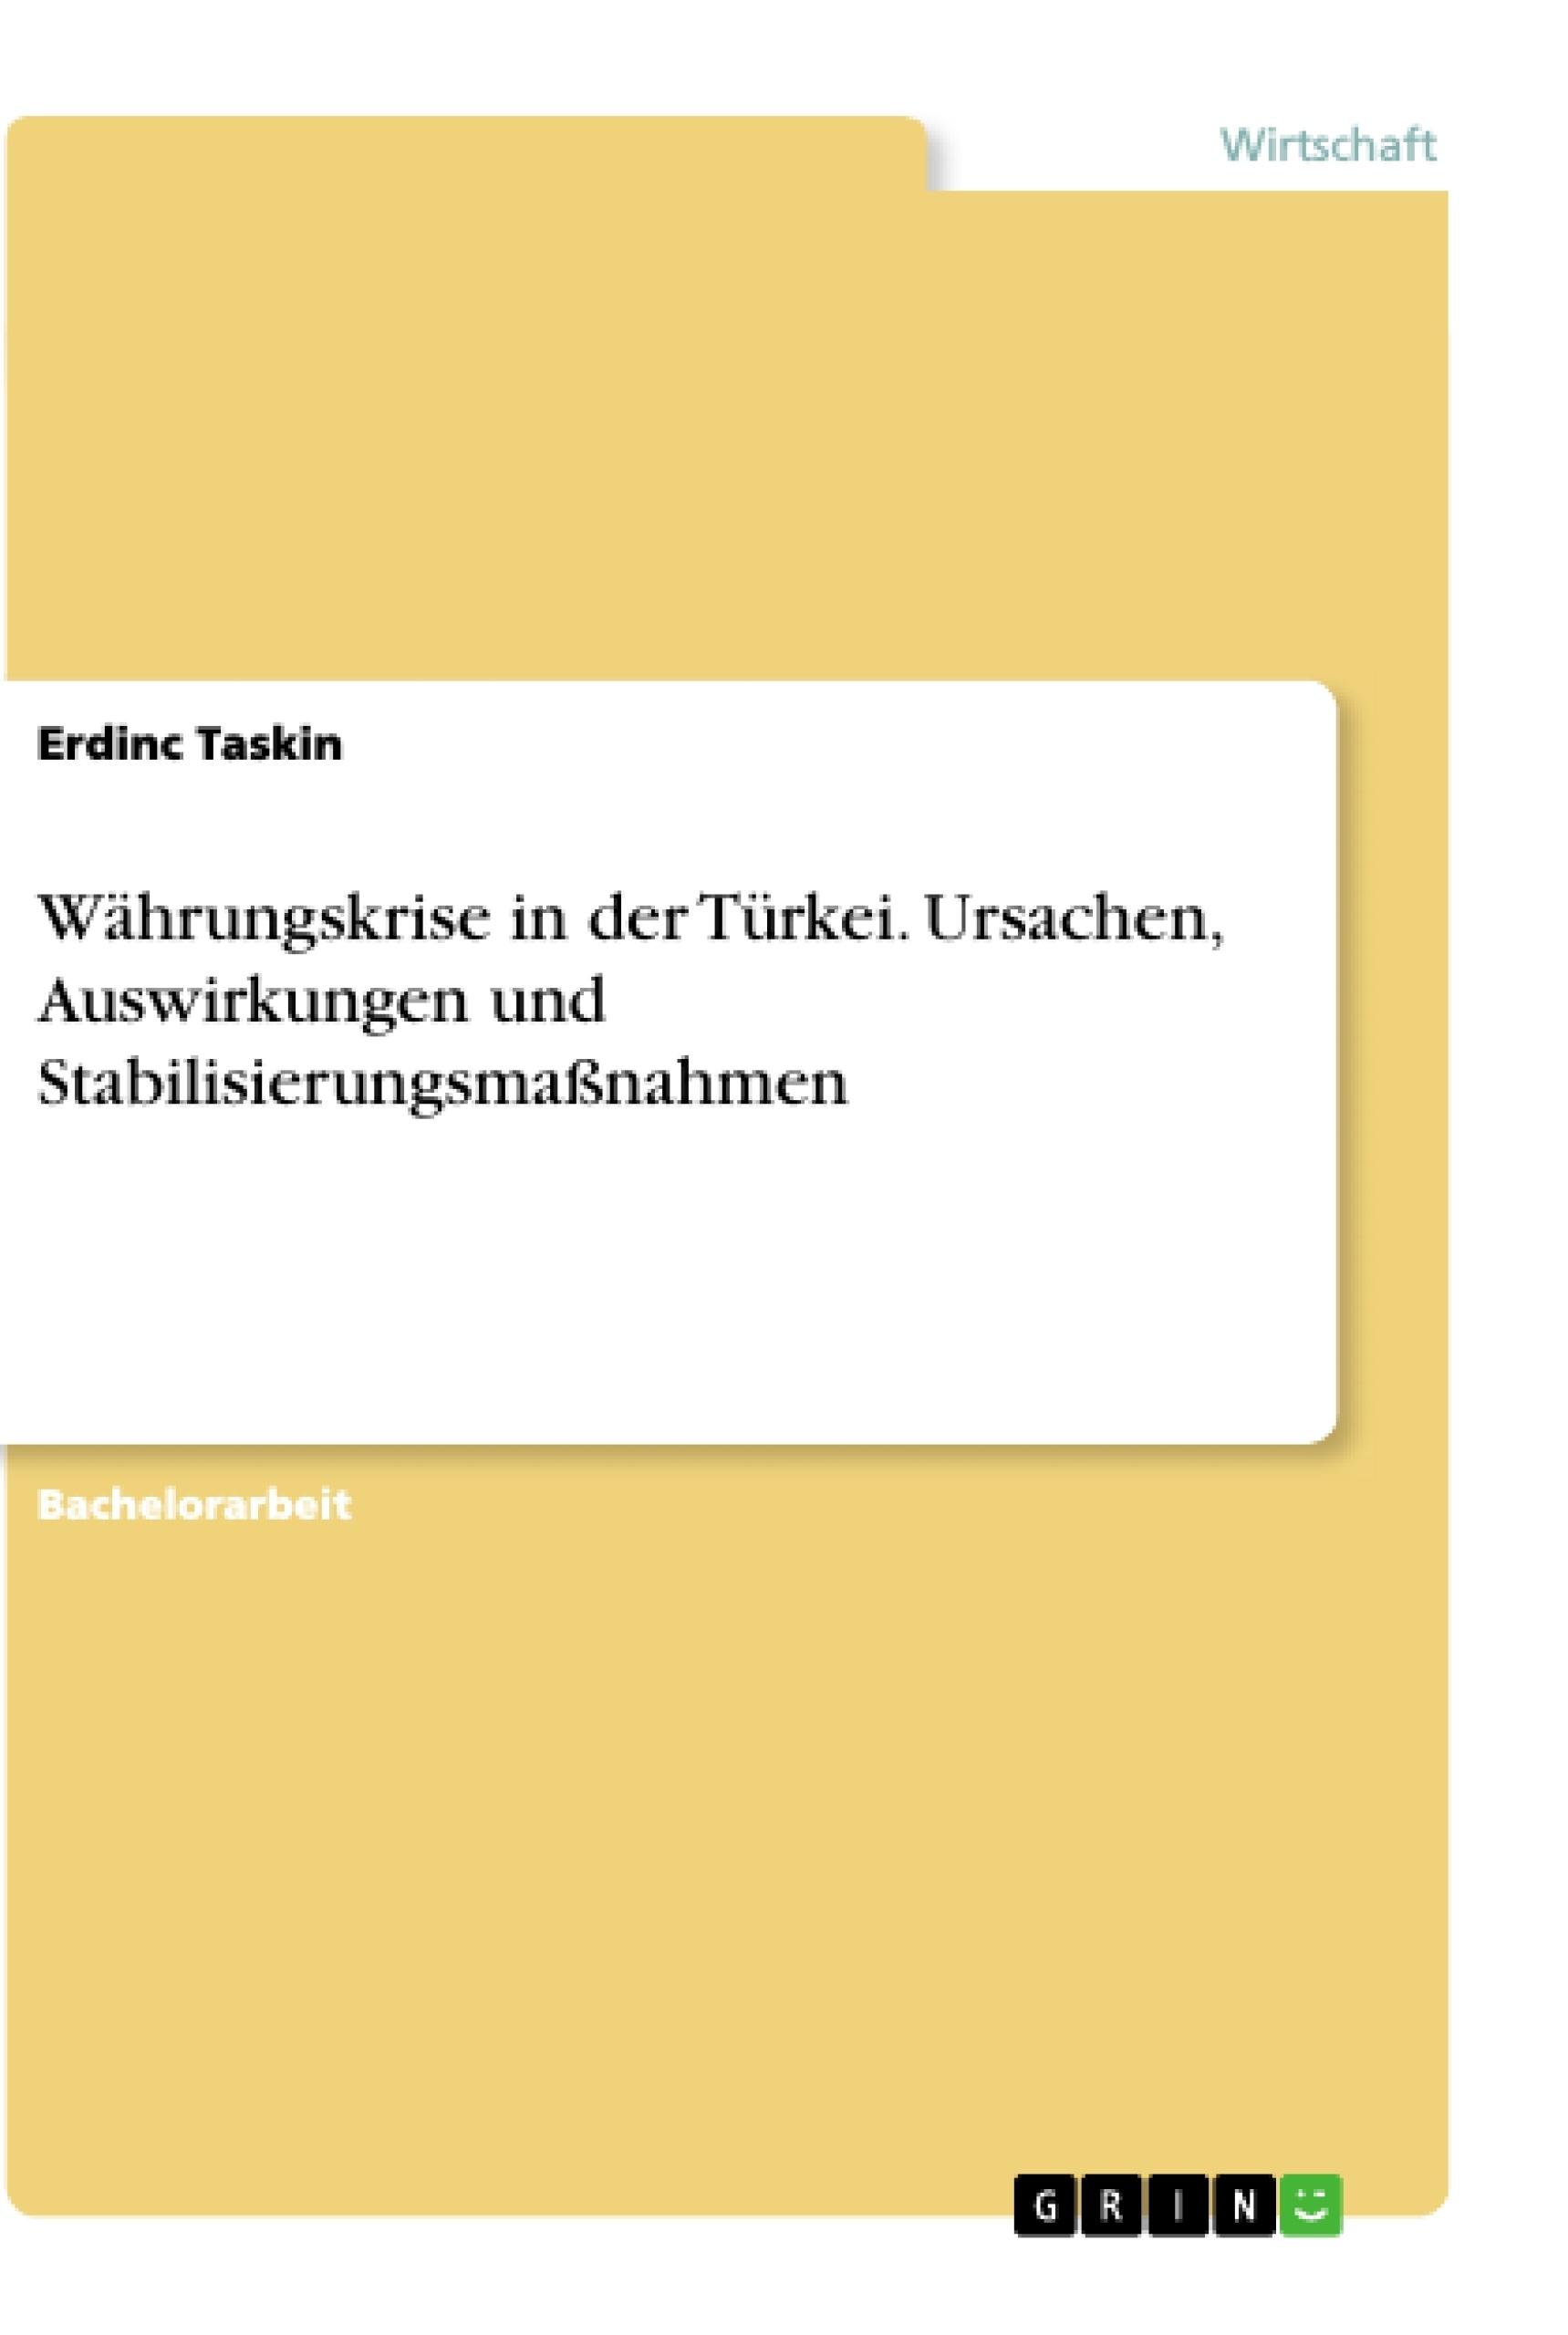 Titel: Währungskrise in der Türkei. Ursachen, Auswirkungen und Stabilisierungsmaßnahmen